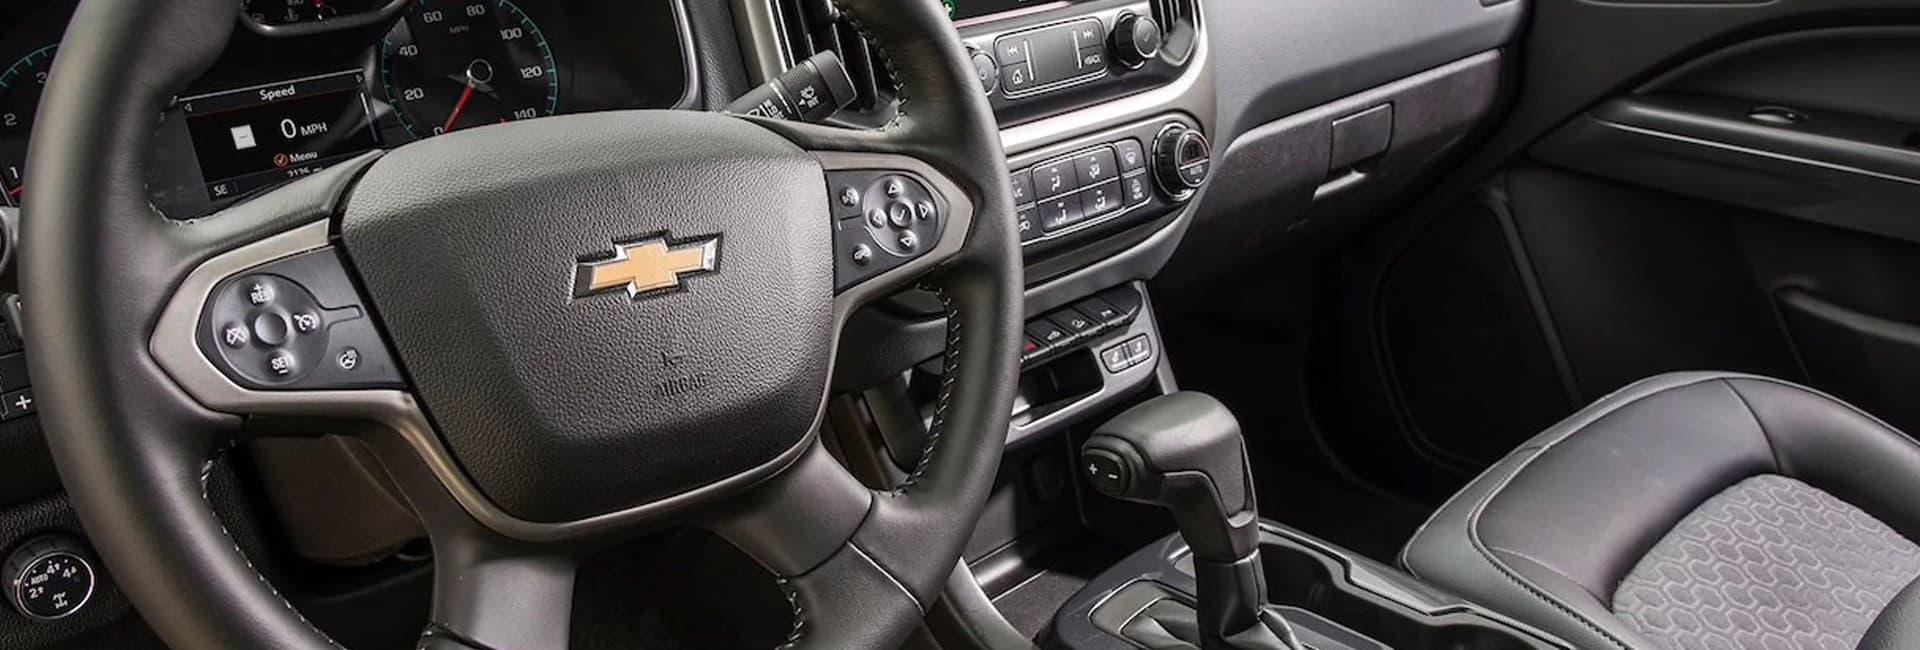 Interior of the 2020 Chevy Colorado